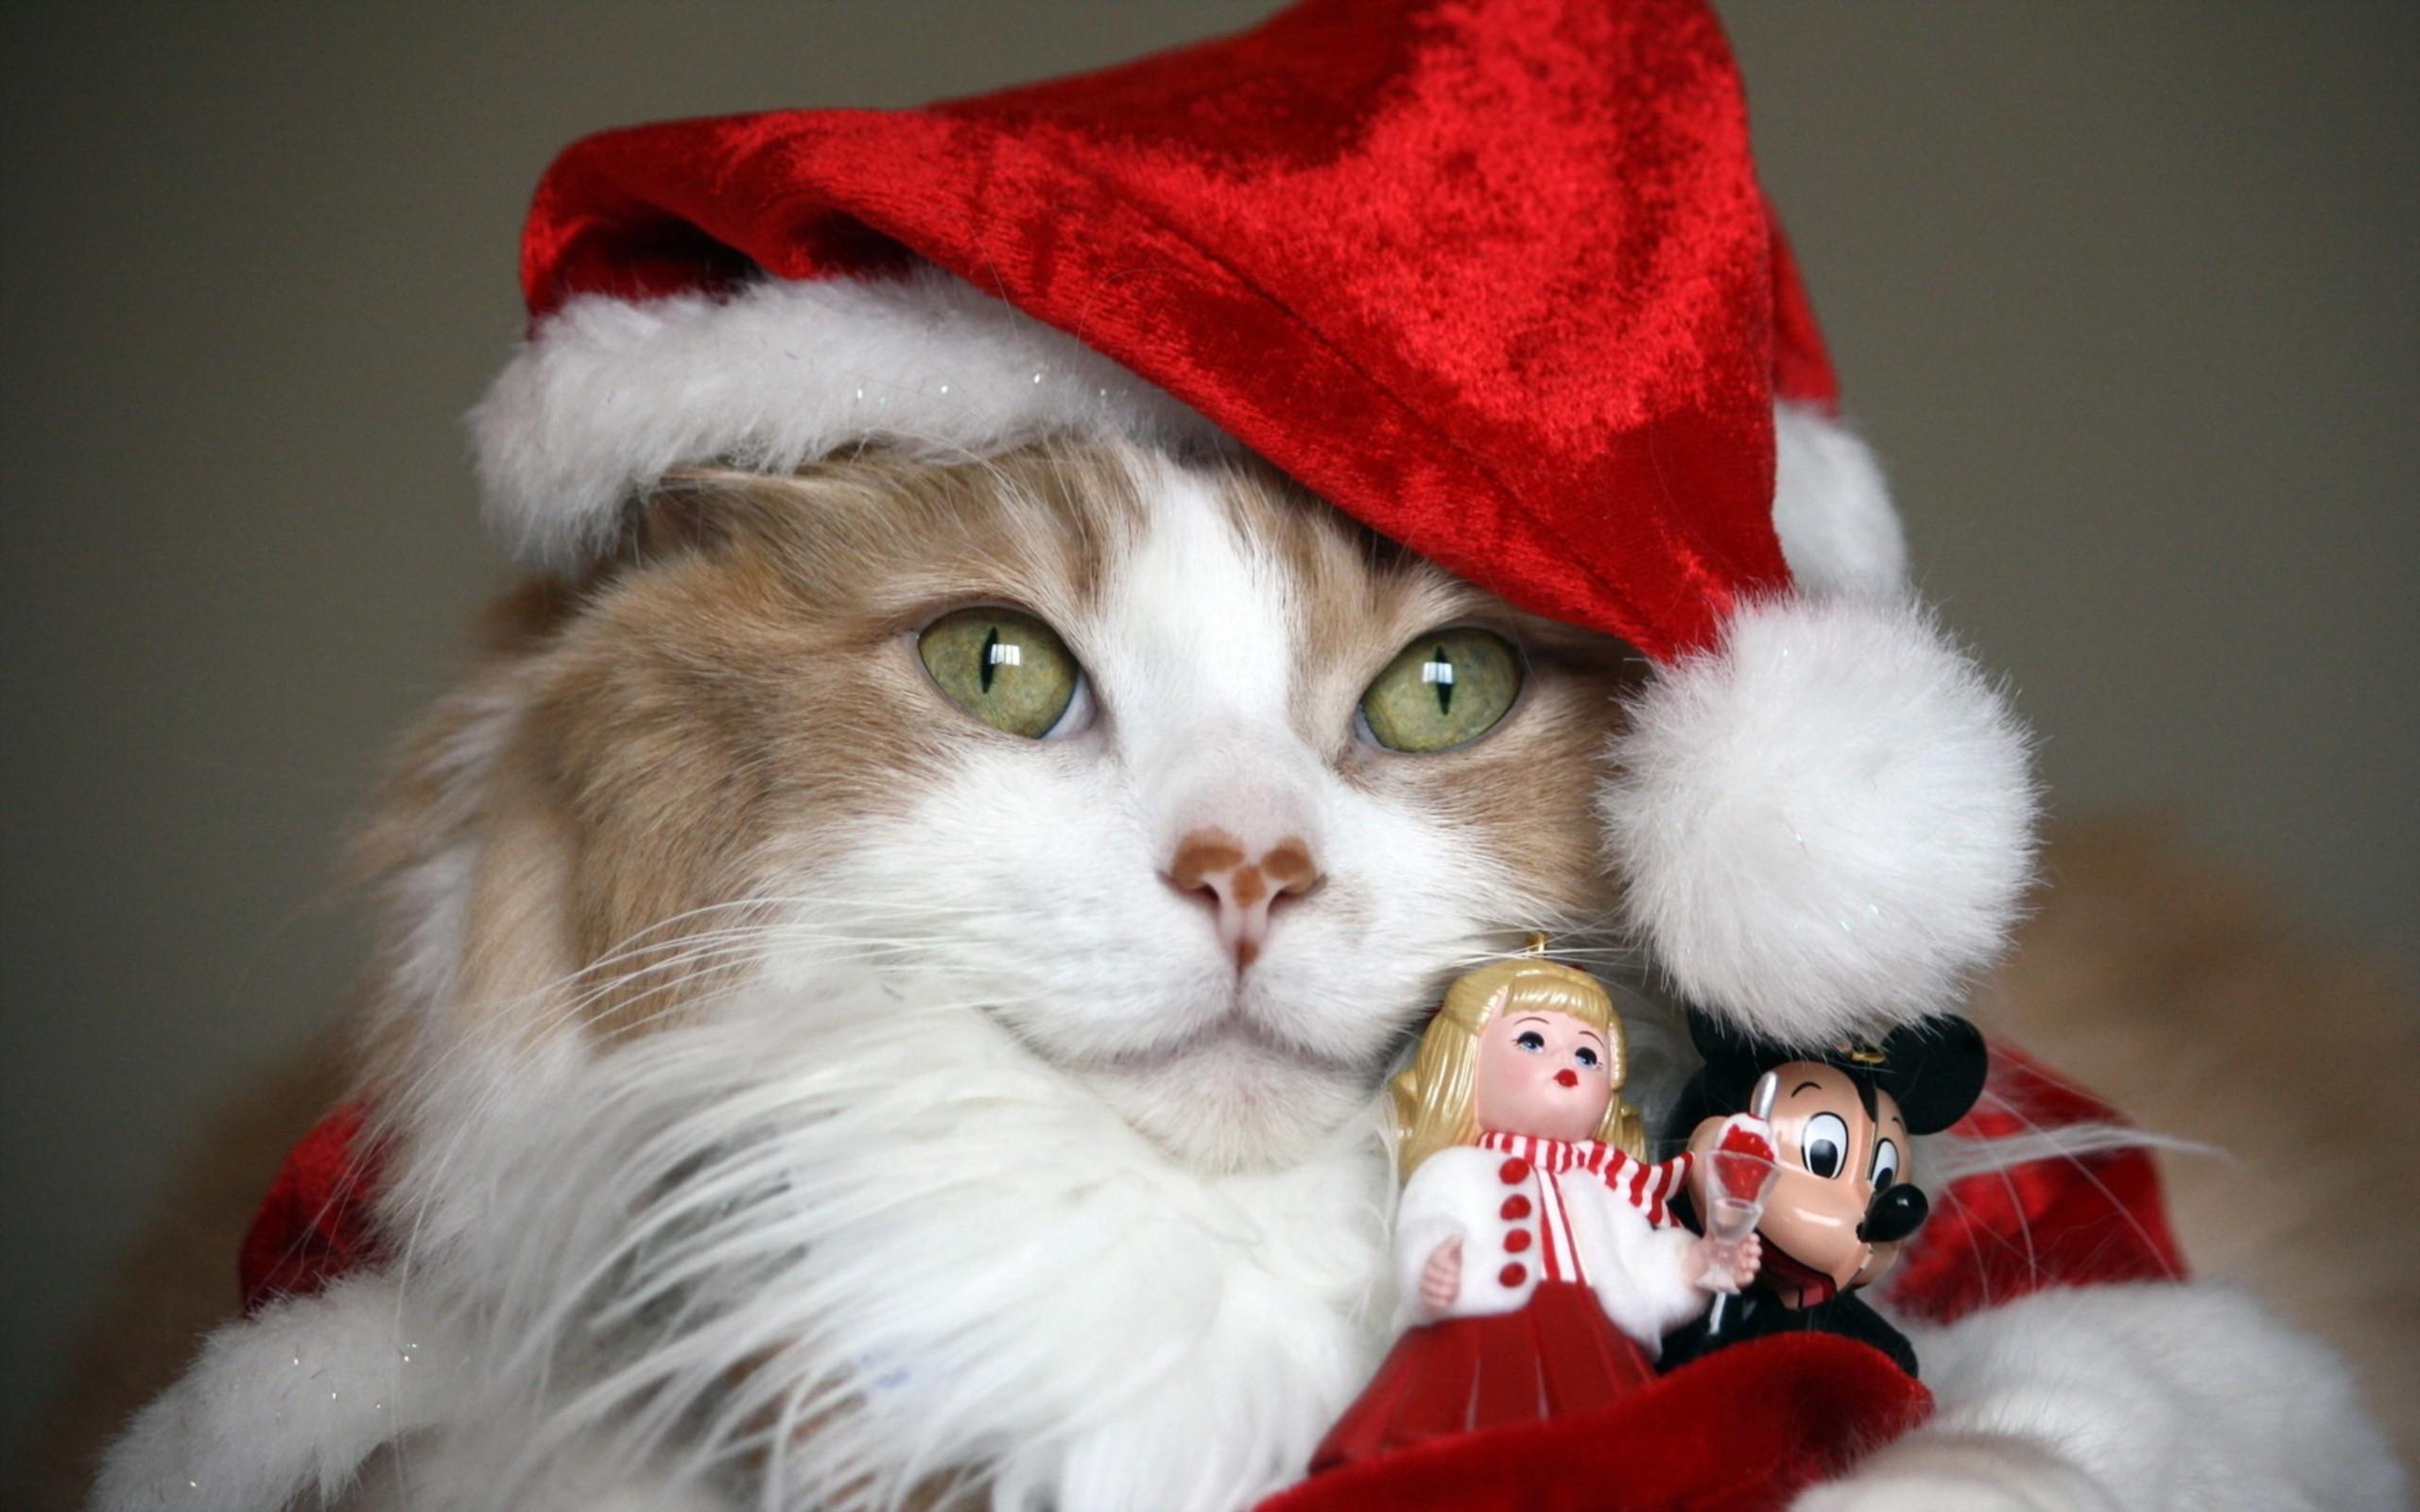 Un gato disfrazado de Papa noel - 2560x1600